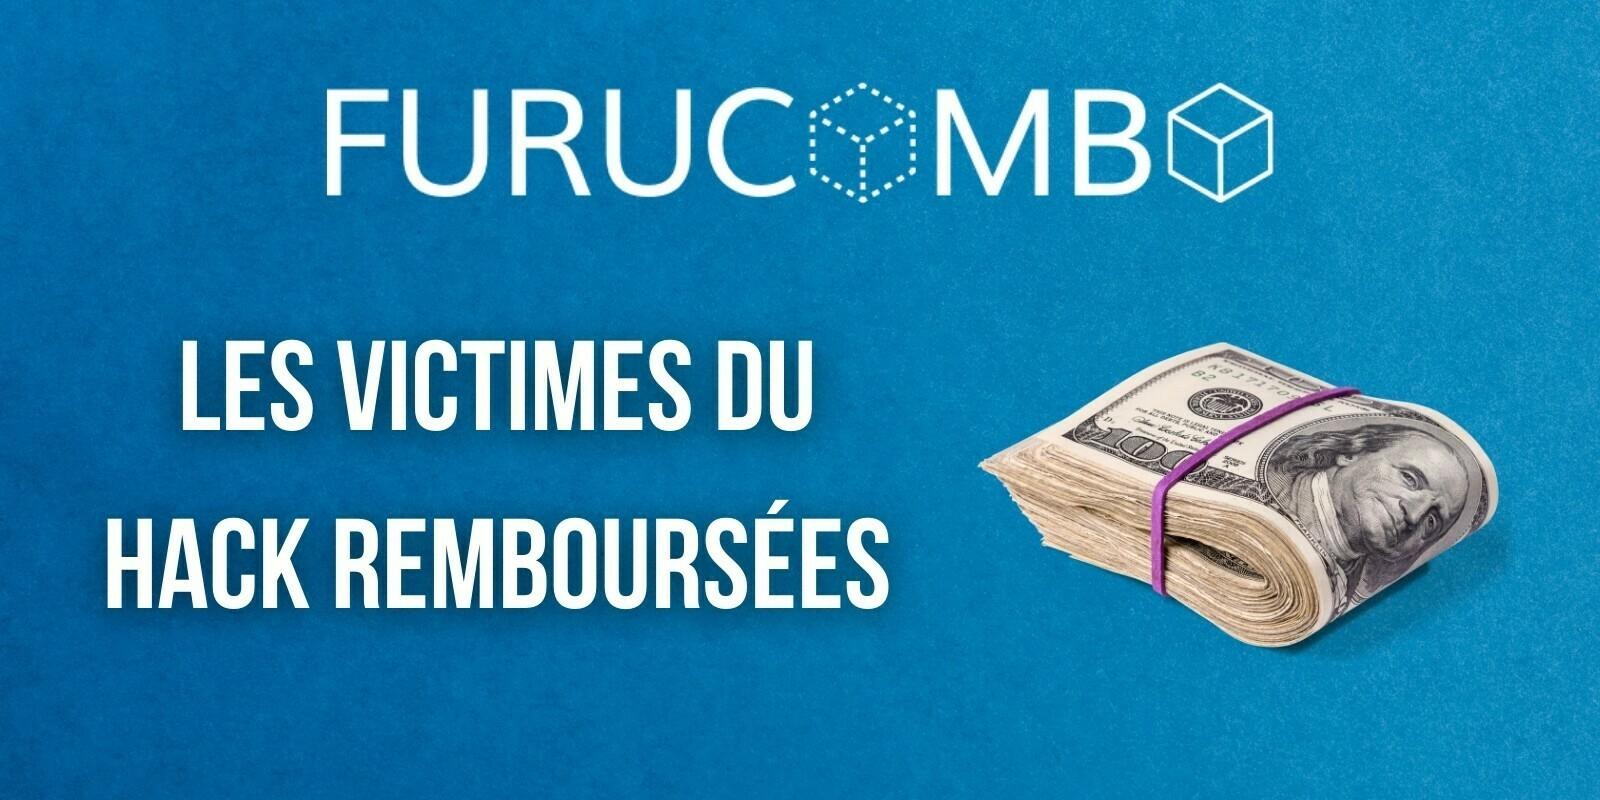 Furucombo va rembourser les victimes de son hack à 14 millions de dollars